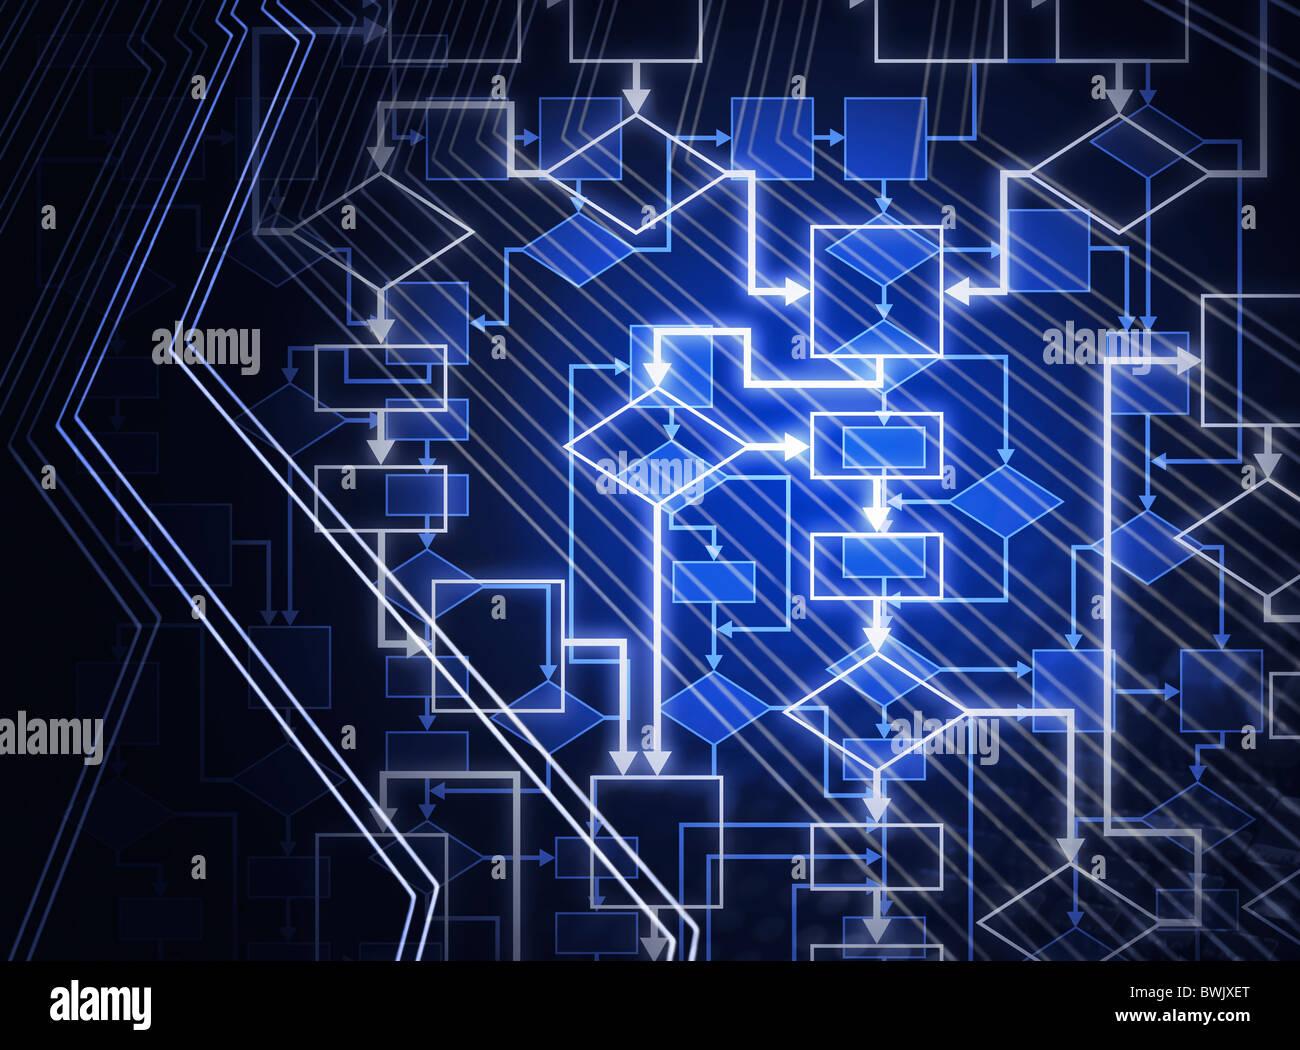 Organigramme numérique résumé fond bleu. Logiciels d'illustration conceptuelle de l'algorithme. Photo Stock